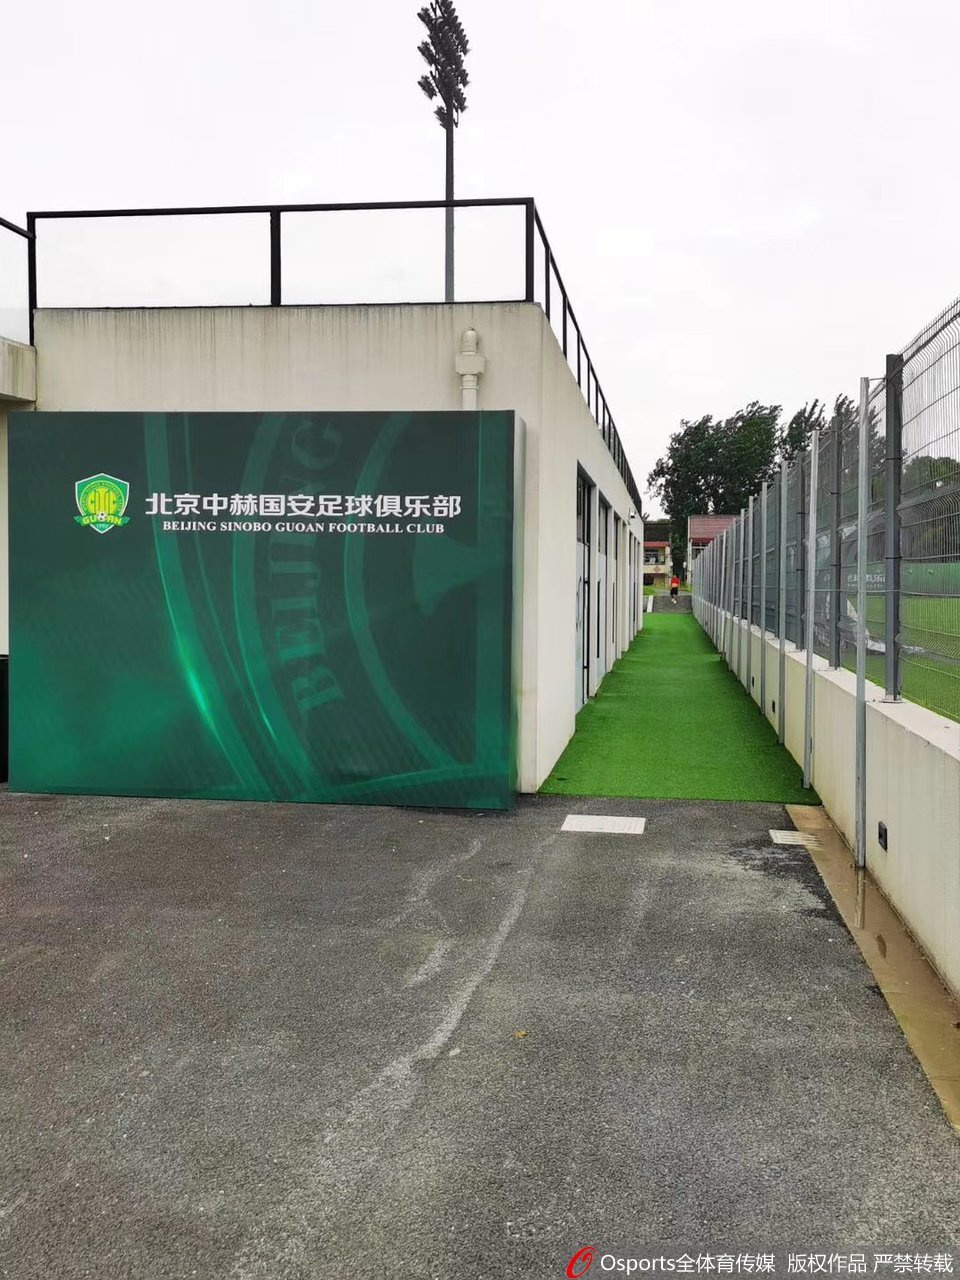 上海训练基地布置完毕 全新装扮静待国安入驻